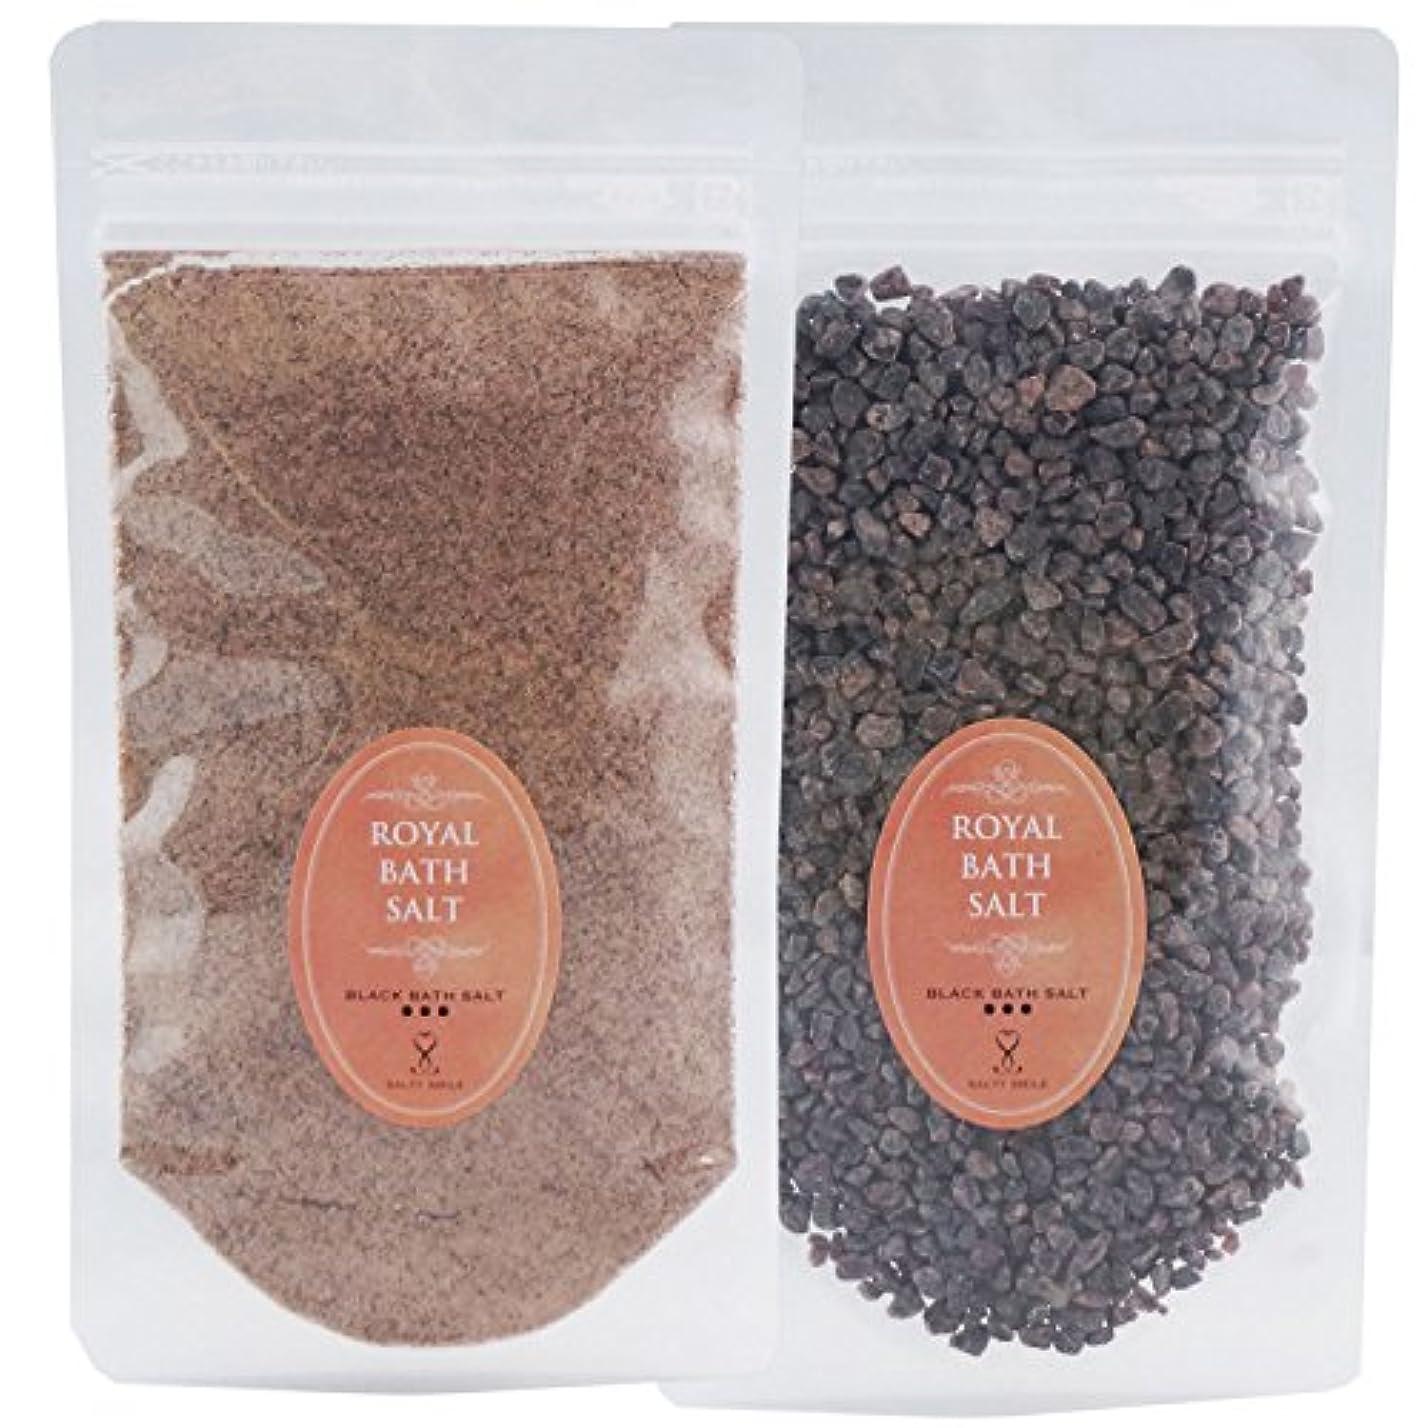 可能ファイル事実上ロイヤル バスソルト ヒマラヤ岩塩 ブラック パウダー グレイン 各200g 粗粒 粉 ROYAL BATH SALT